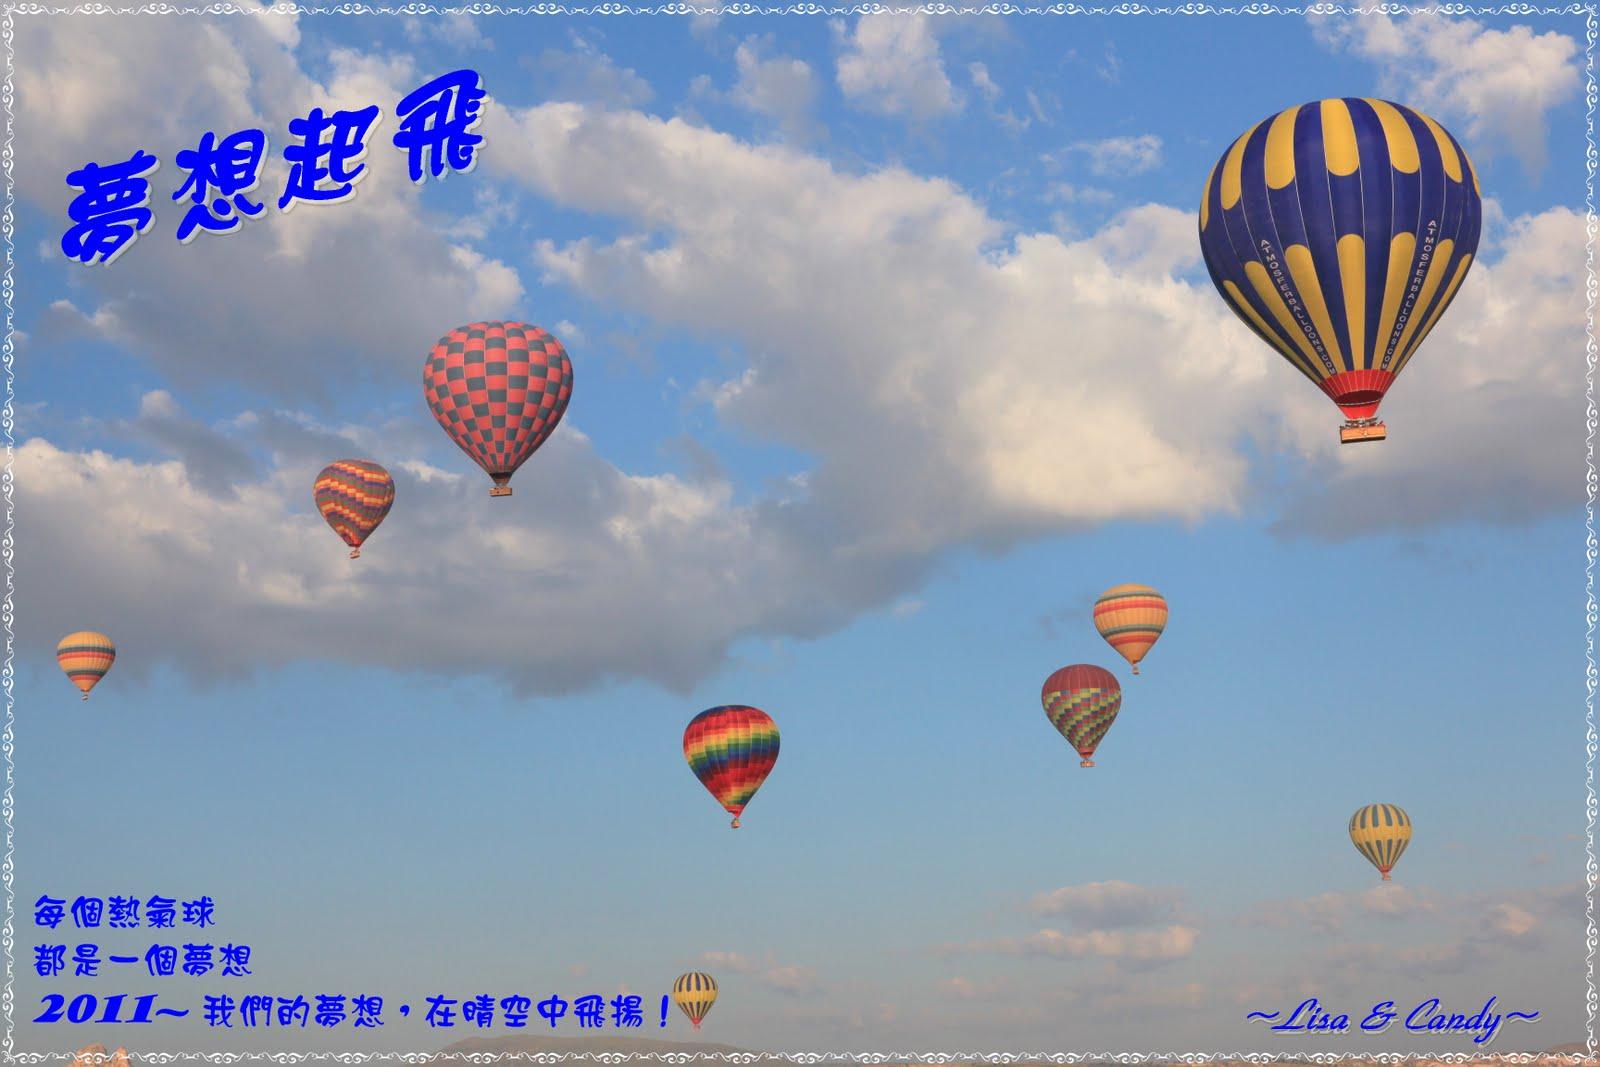 春暖花開: 夢想起飛~在2011 春暖花開 網誌存檔   夢想起飛~在2011